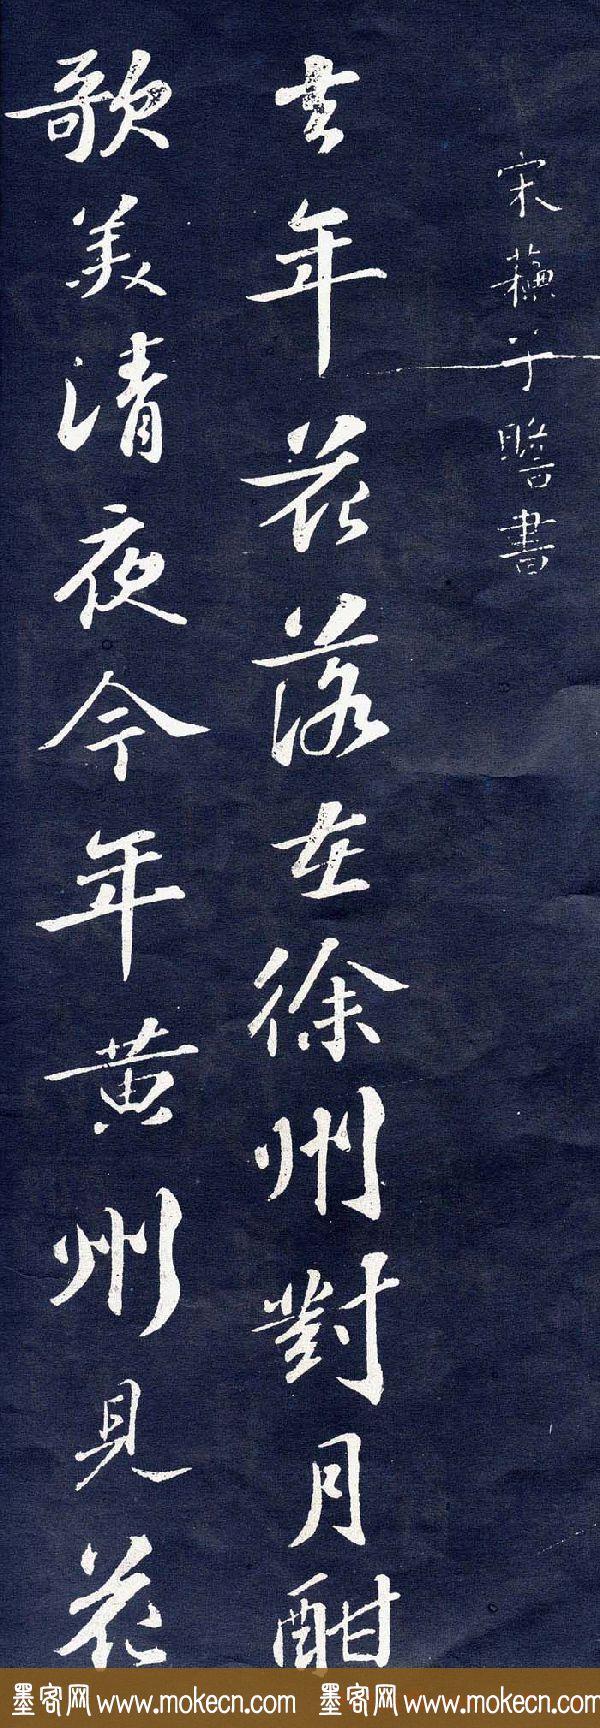 苏轼行书欣赏《次韵前篇》